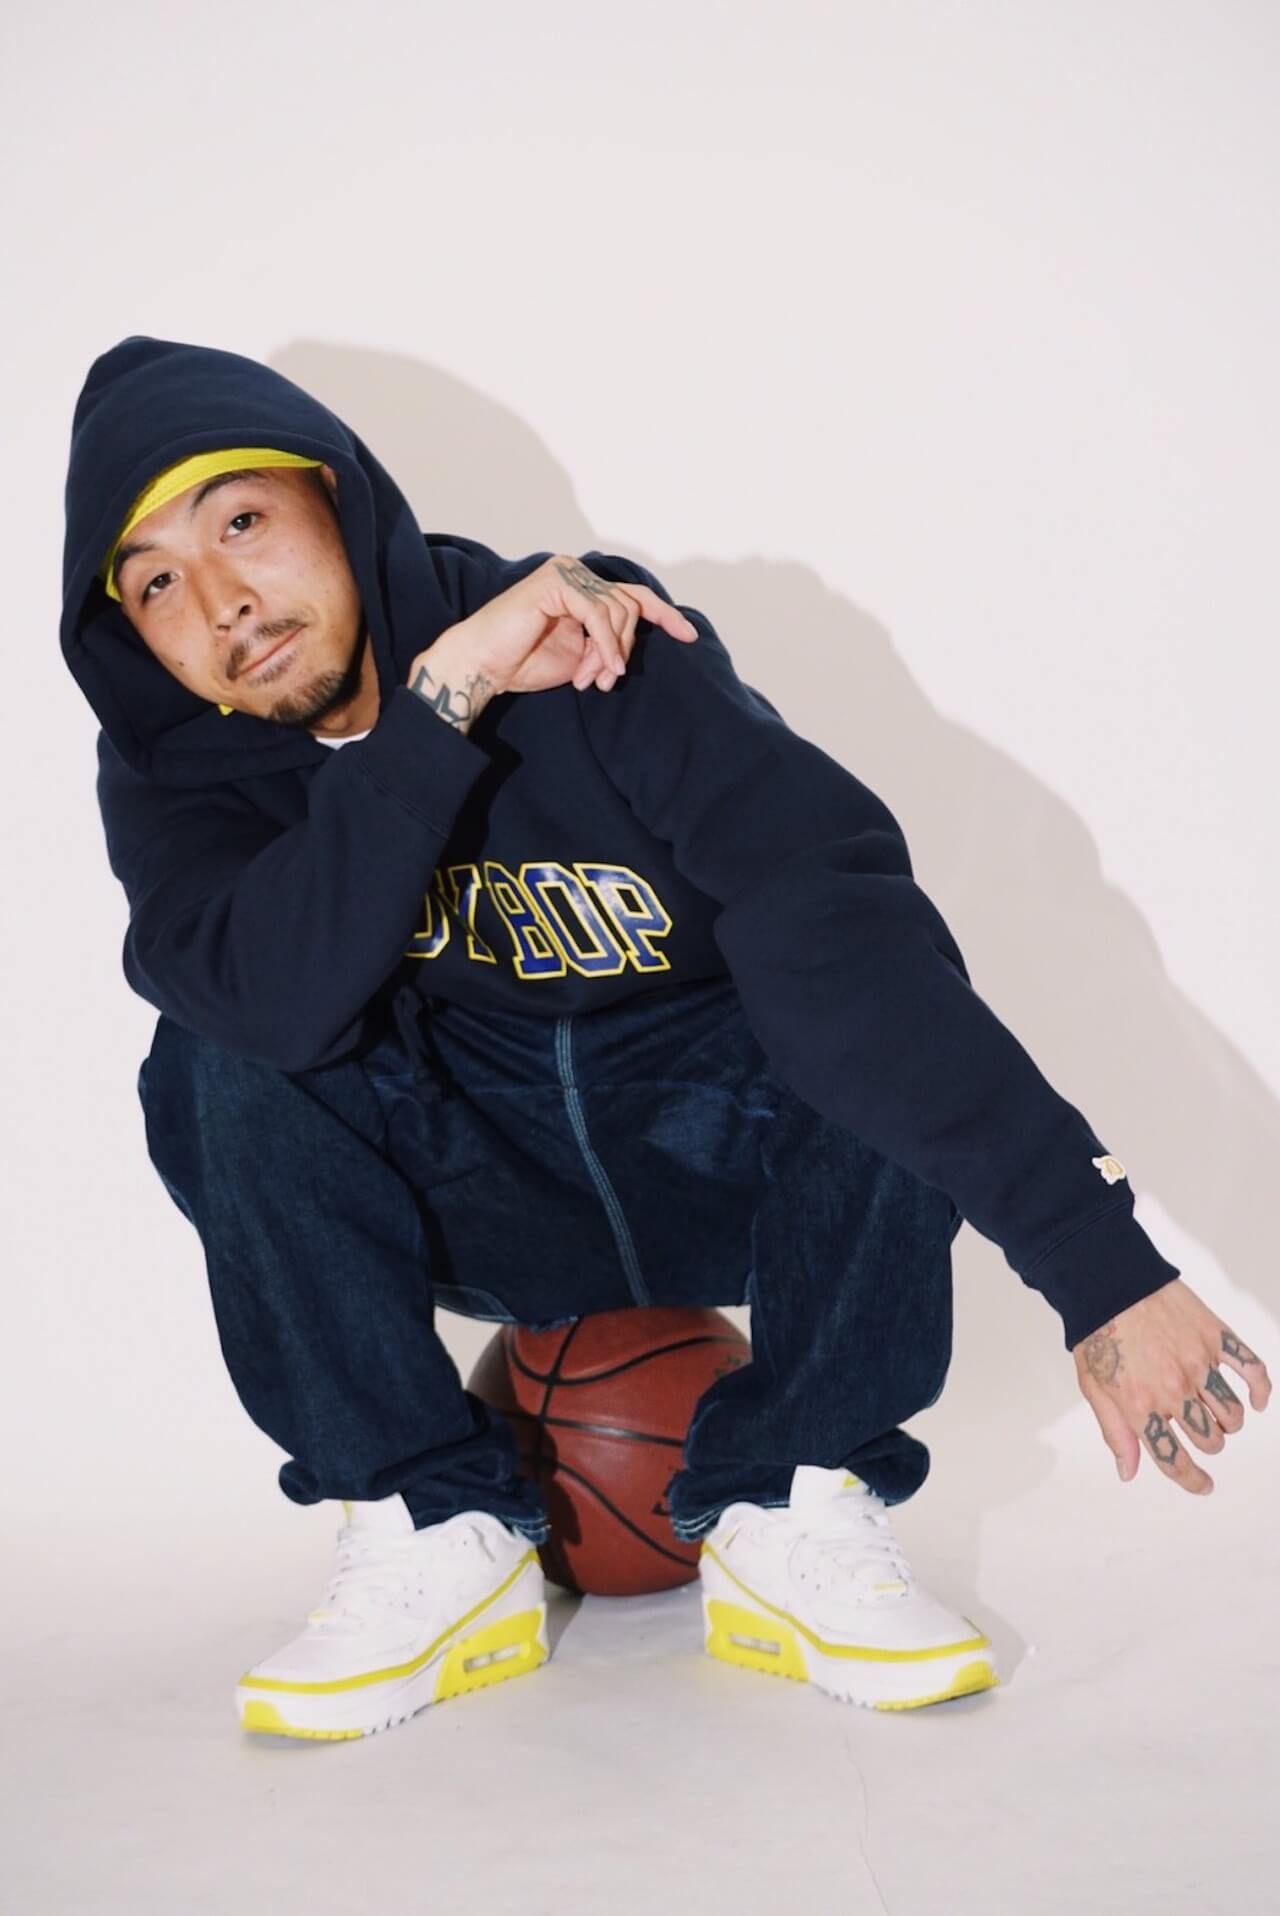 「ラップスタア誕生」初代チャンピオンのDaiaがMIX TAPE『Diddy Bop』をフィジカル化するプロジェクトを開始 music200421-daia-4